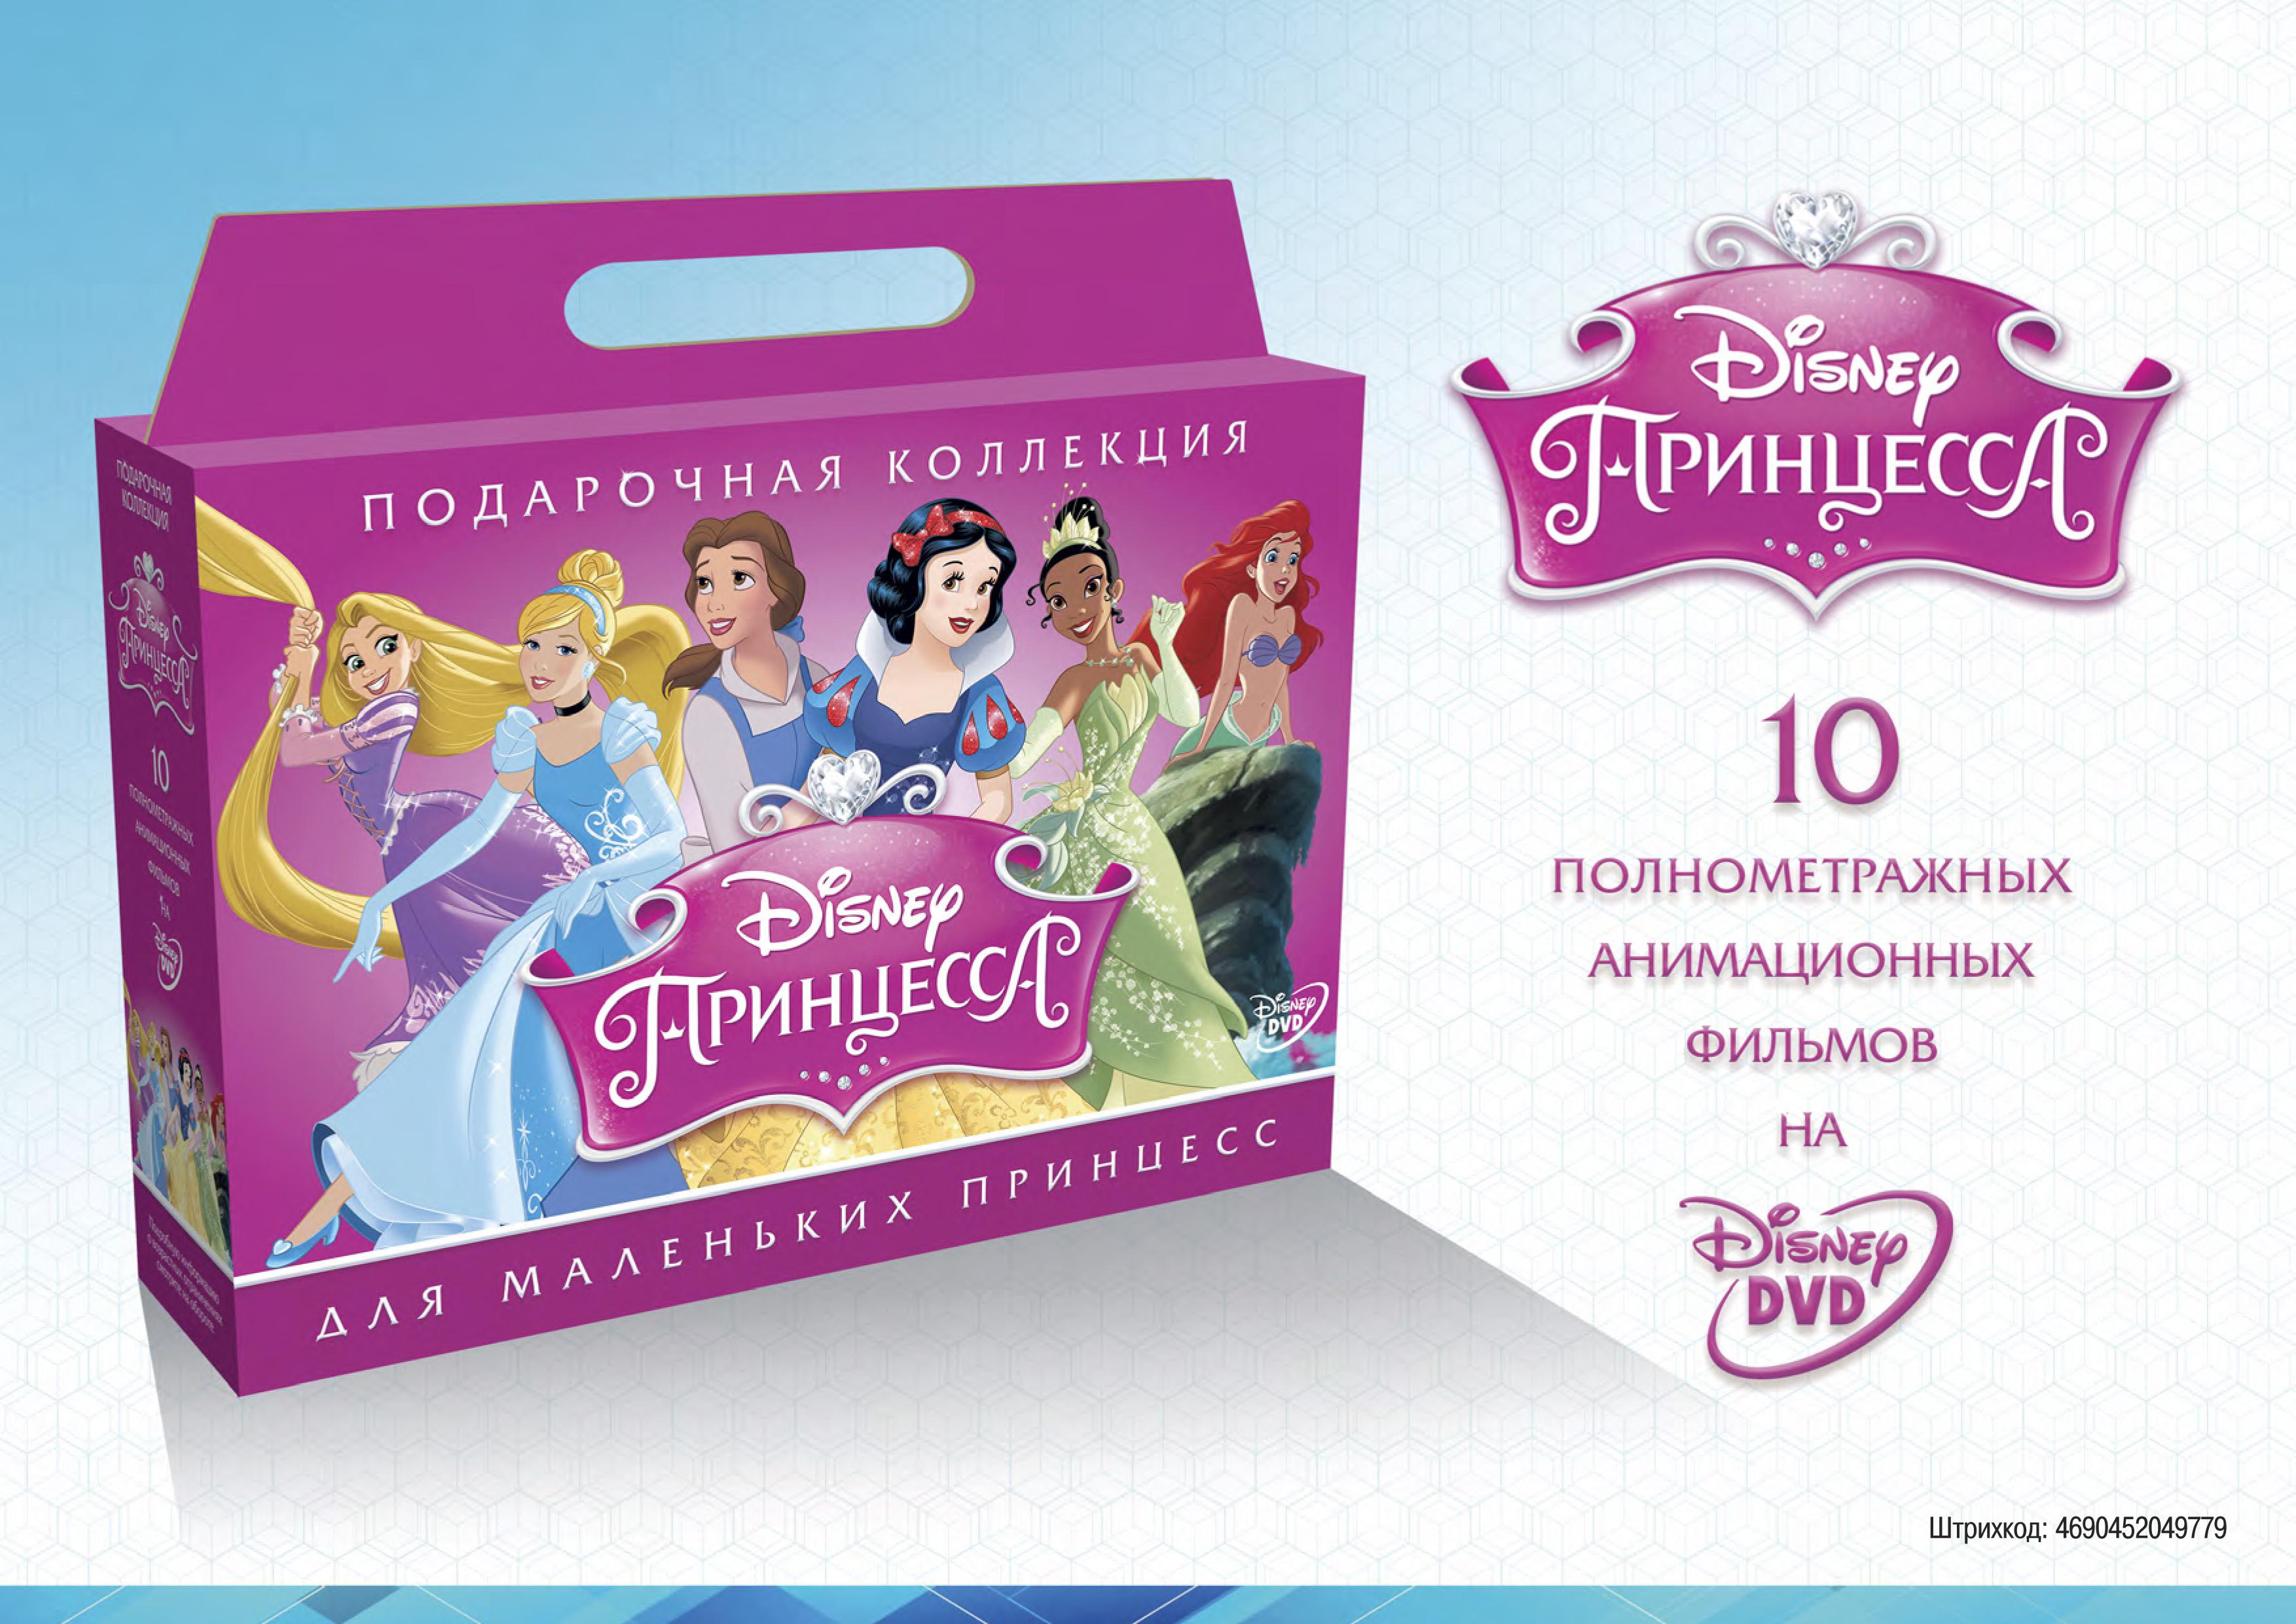 Подарочная коллекция. Disney: Принцесса (10 DVD)